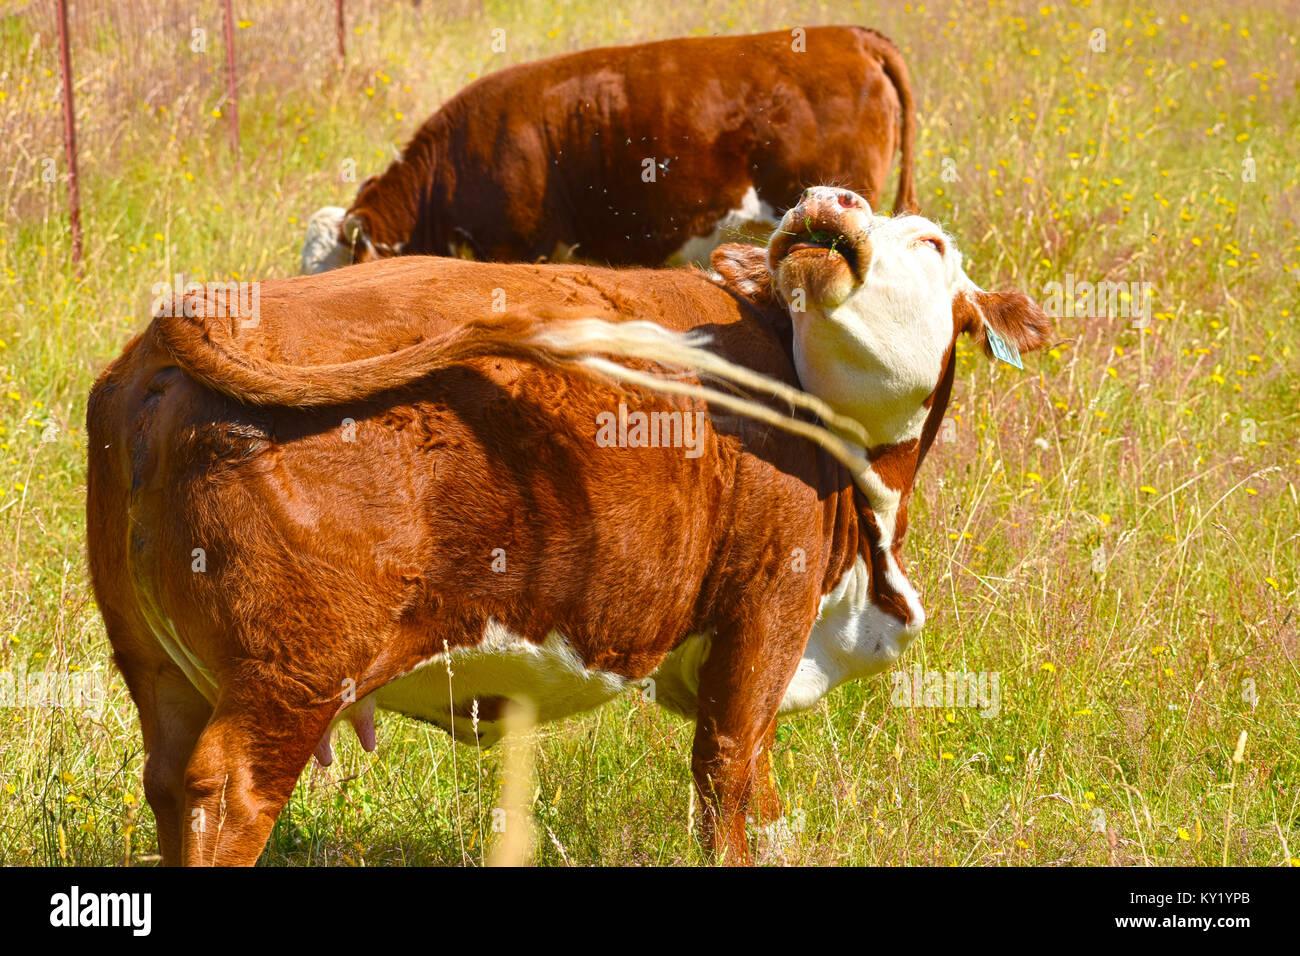 Kuh wirklich aggratvated durch viele Fliegen, während Sie versuchen, sie mit ihrem Schwanz zu swat. Sie ist Stockbild